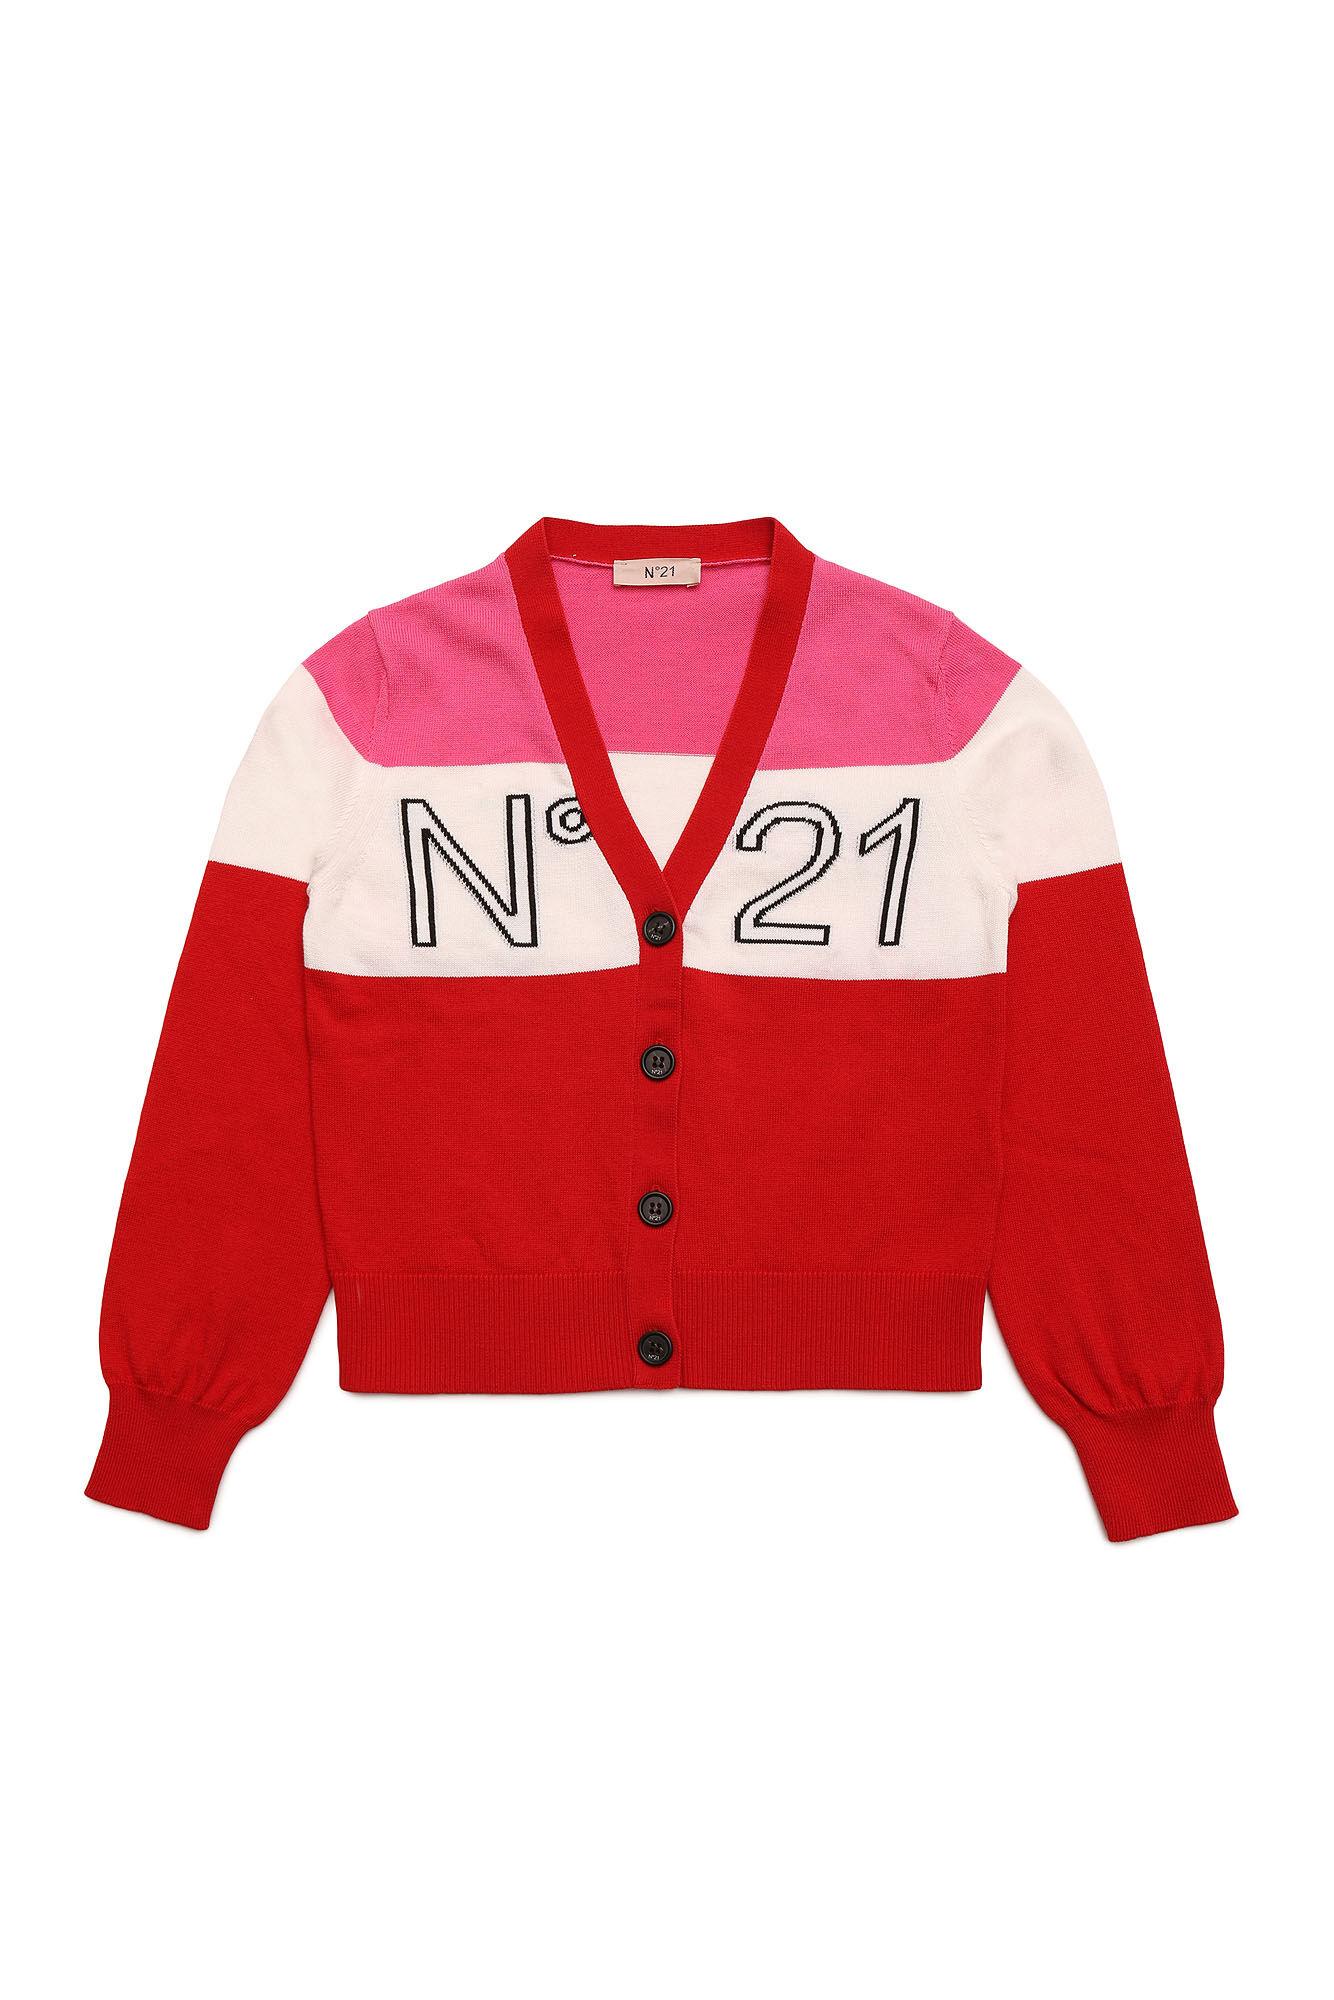 Maglia - N21 Junior